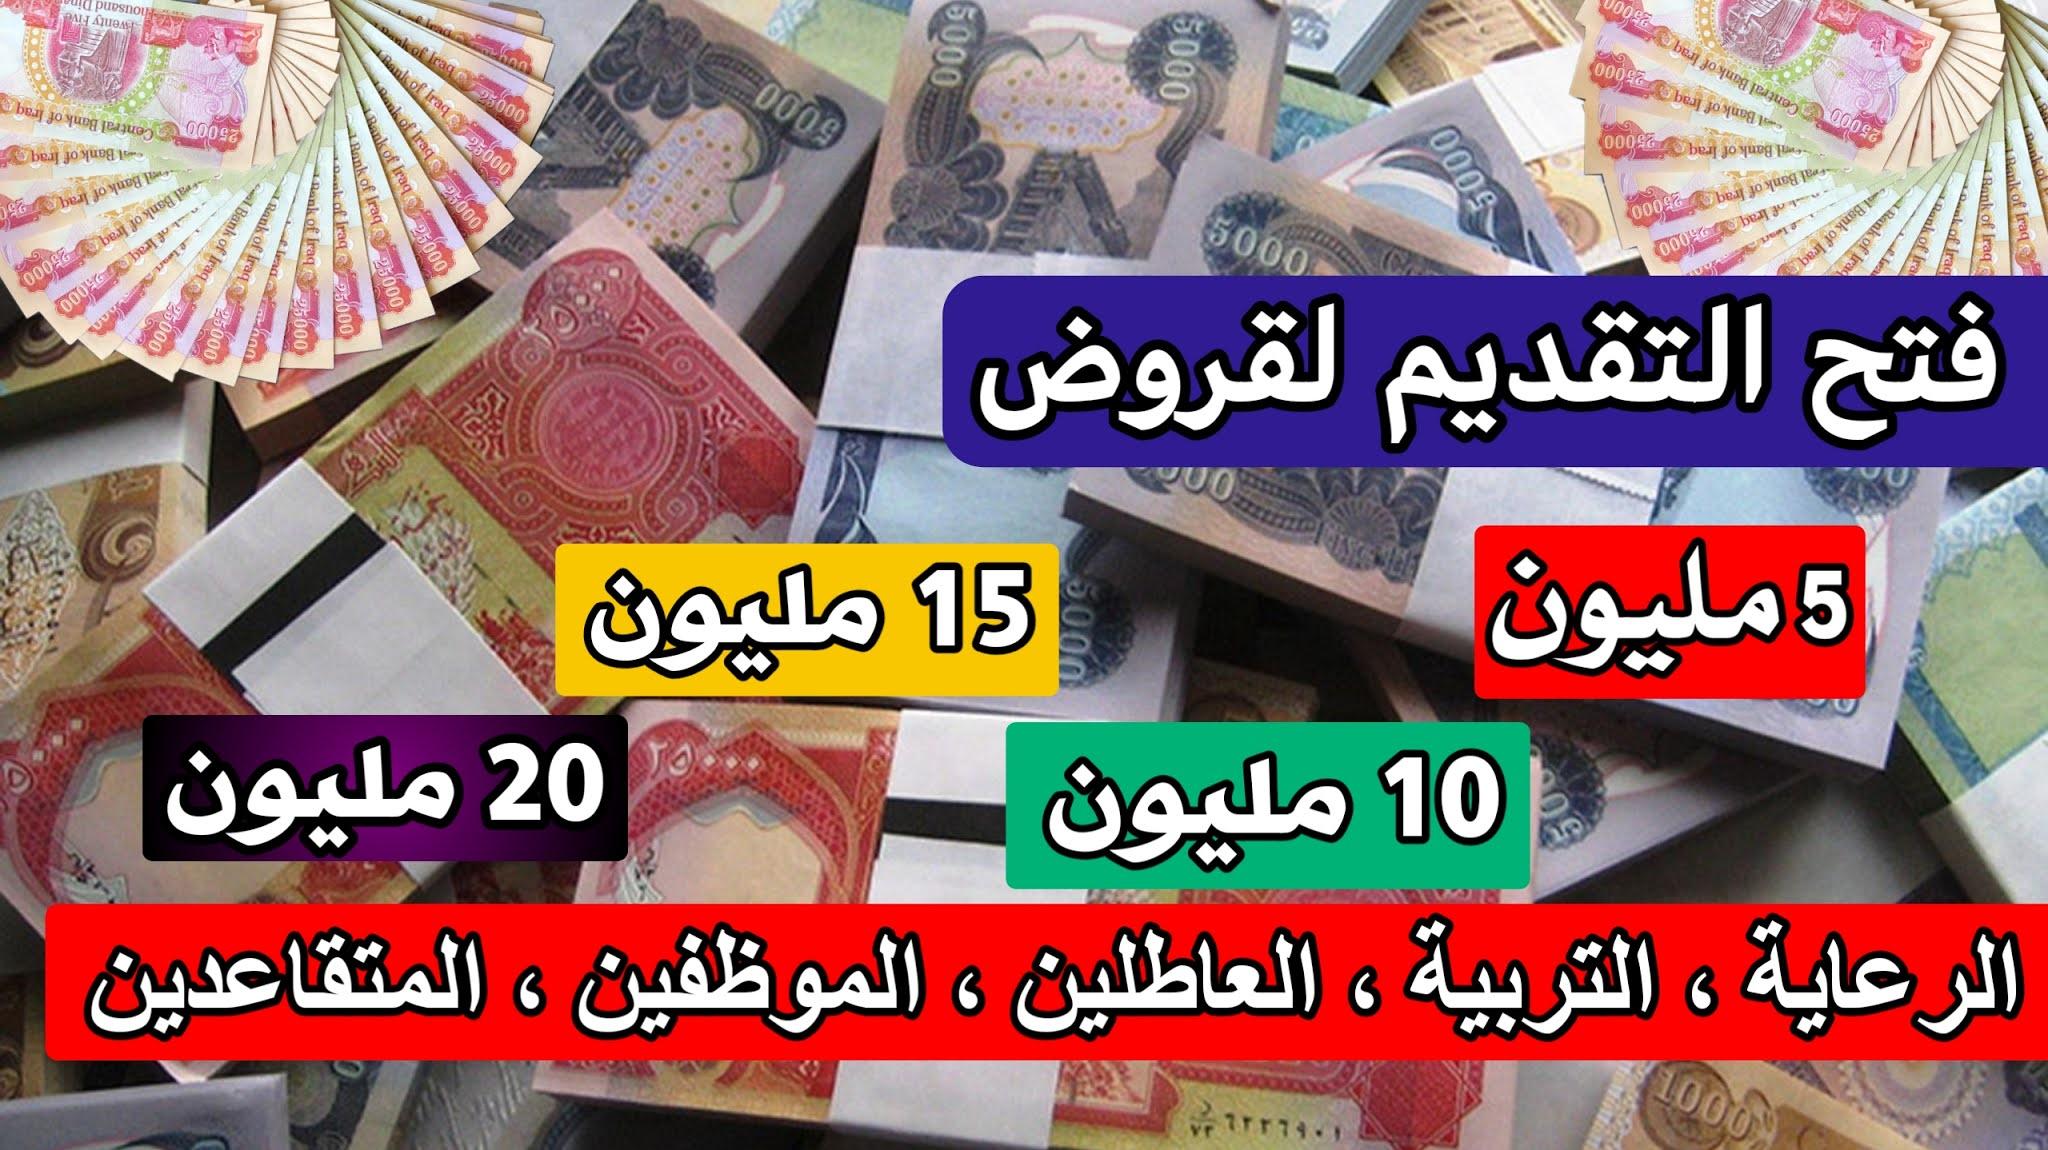 """إعلان عن """"قروض مصرف الرافدين 2021"""" تبلغ (5 - 10 - 15 - 20) مليون دينار اعلان عن قروض مصرف الرافدين 2021، من خلال مصرف الرسمي الرافدين أعلن اليوم السبت، عن منح القروض تصل الى 20 مليون دينار عراقي للموظفين والمواطنين. . وذكر المكتب الاعلامي للمصرف في بيان ورد، ان """"مصرف الرافدين يمنح قروض تبلغ (5 - 10 - 15 - 20) مليون دينار لفئة الموظفين والمواطنين"""". اضافة مصرف الرافدين: قروض للموظفين والمواطنين تصل الى ٢٠ مليون دينار تكون قروض مصرف الرافدين 2021 السكن تصل الى ٥٠ مليون تمنح للموظفين ومنتسبي القوات الامنية والمواطنين . للتقديد للقروض كل ما عليكم هو مراجعة أحد فروع المصرف في بغداد والمحافظات مع جلب المستمسكات الرسمية . 🔰تابع الصفحة للمزيد من الاخبار⤵ ضغط هنا *********************** قنوات ومواقع التواصل الاجتماعي الرسمية لموقع وظائف وأخبار العراق تابعنا باي مكان تريد حيث المصداقية والحقيقة في النشر اولا باول وهذه هي المواقع الرسمية اختر ما تريد القناة الرسمية على اليوتيوب أضغط هنا الموقع الرسمي على الانترنت أضغط هنا الصفحة الرسمية على موقع الانستكرام أضغط هنا القناة على التلكرام أضغط هنا صفحة الفيس بوك الرسمية أضغط هنا تطبيقنا على السوق بلي أضغط هنا كروب موقع وظائف وأخبار العراق على التليكرام الرسمي التعليمي أضغط هنا -------------------------------- التعريف بالموقع : هذا الموقع تابع لقناة هل تعلم؟أخبار بشكل رسمي وكل ما ينشر في الموقع يخضع للمراقبة وموقع وظائف وأخبار العراق غير مسؤول عن التعليقات على المواضيع كل شخص مسؤول عن نفسه عند كتابة التعليق بحيث لا يتحمل موقع وظائف واخبار العراق اي مسؤولية قانونية حيال ذلك ========== ملاحظات مهمة : يوفر موقع وظائف وأخبار العراق قناة رسمية على موقع اليوتيوب باسم ( هل تعلم؟أخبار ) حيث تعتبر القناة الاولى المختصة بنشر الاخبار السياسية والاقتصادية والتربوية واخبار العراق اول باول كذلك يحتوي موقع وظائف وأخبار العراق على الملازم الدراسية لكافة المراحل مرحلة الابتدائي ( سادس ابتدائي ) ومرحلة المتوسطة ( اول متوسط وثاني متوسط وثالث متوسط ) ومرحلة الاعدادية ( رابع علمي ورابع ادبي وخامس ادبي وخامس علمي تطبيقي وخامس علمي احيائي وسادس ادبي وسادس علمي احيائي وسادس علمي تطبيقي ) كلها تجدونها في موقعنا الرسمي . كذلك يوفر لكم موقع وظائف واخبار العرا"""